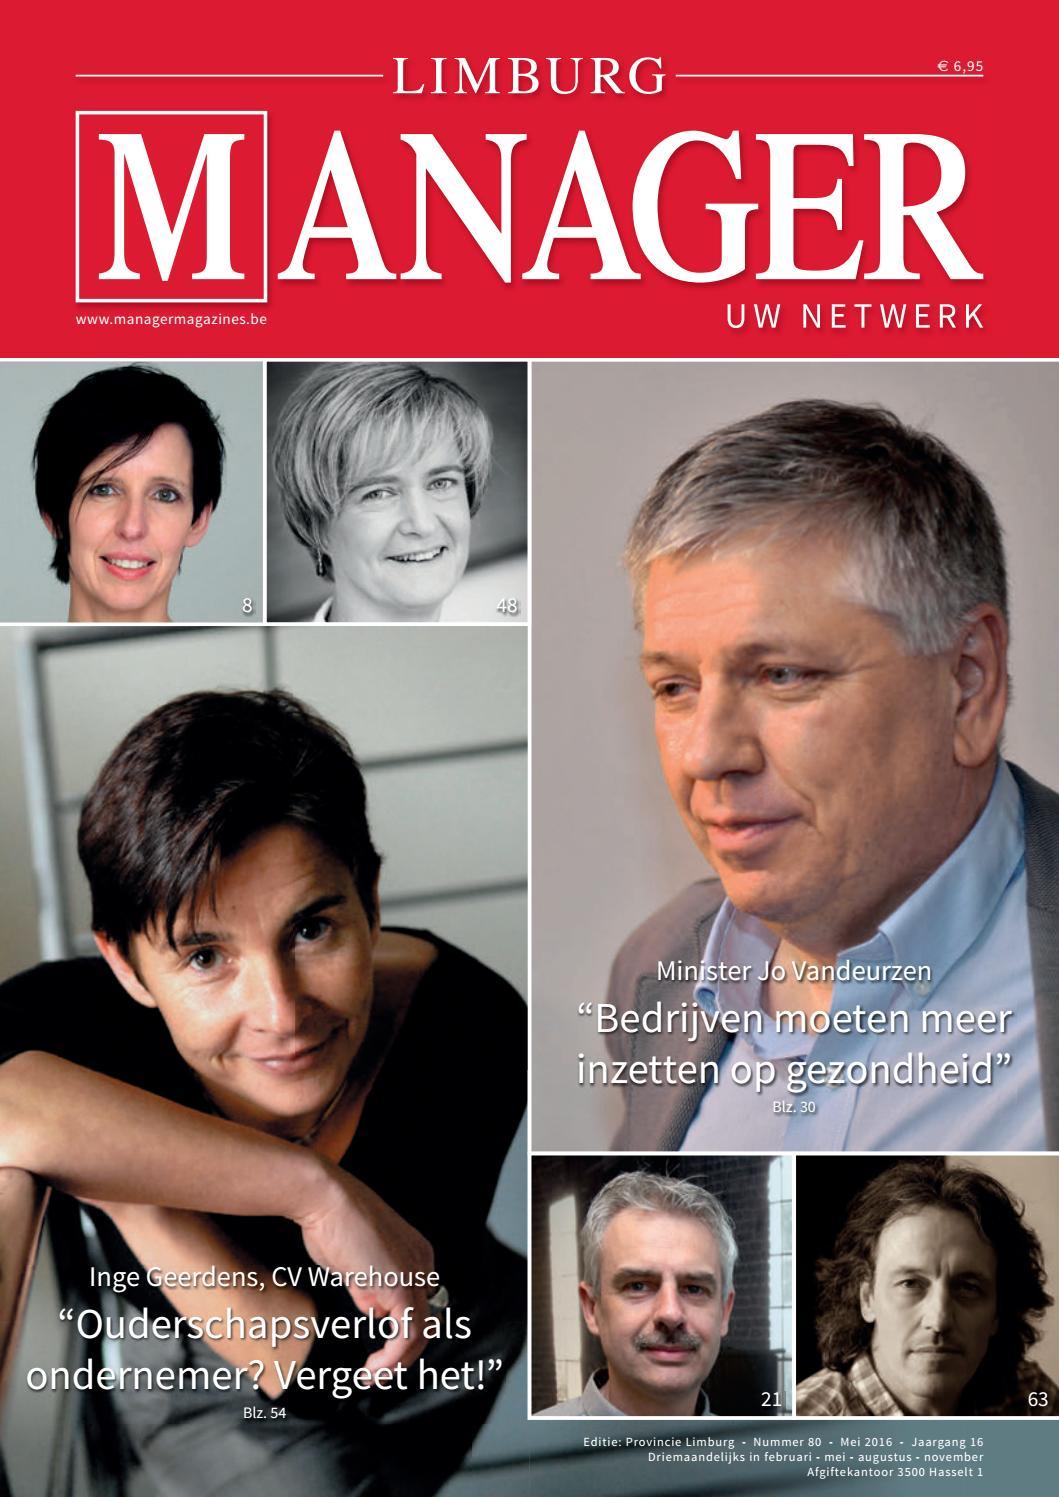 Limburg Manager 80 by Manager Magazines - issuu